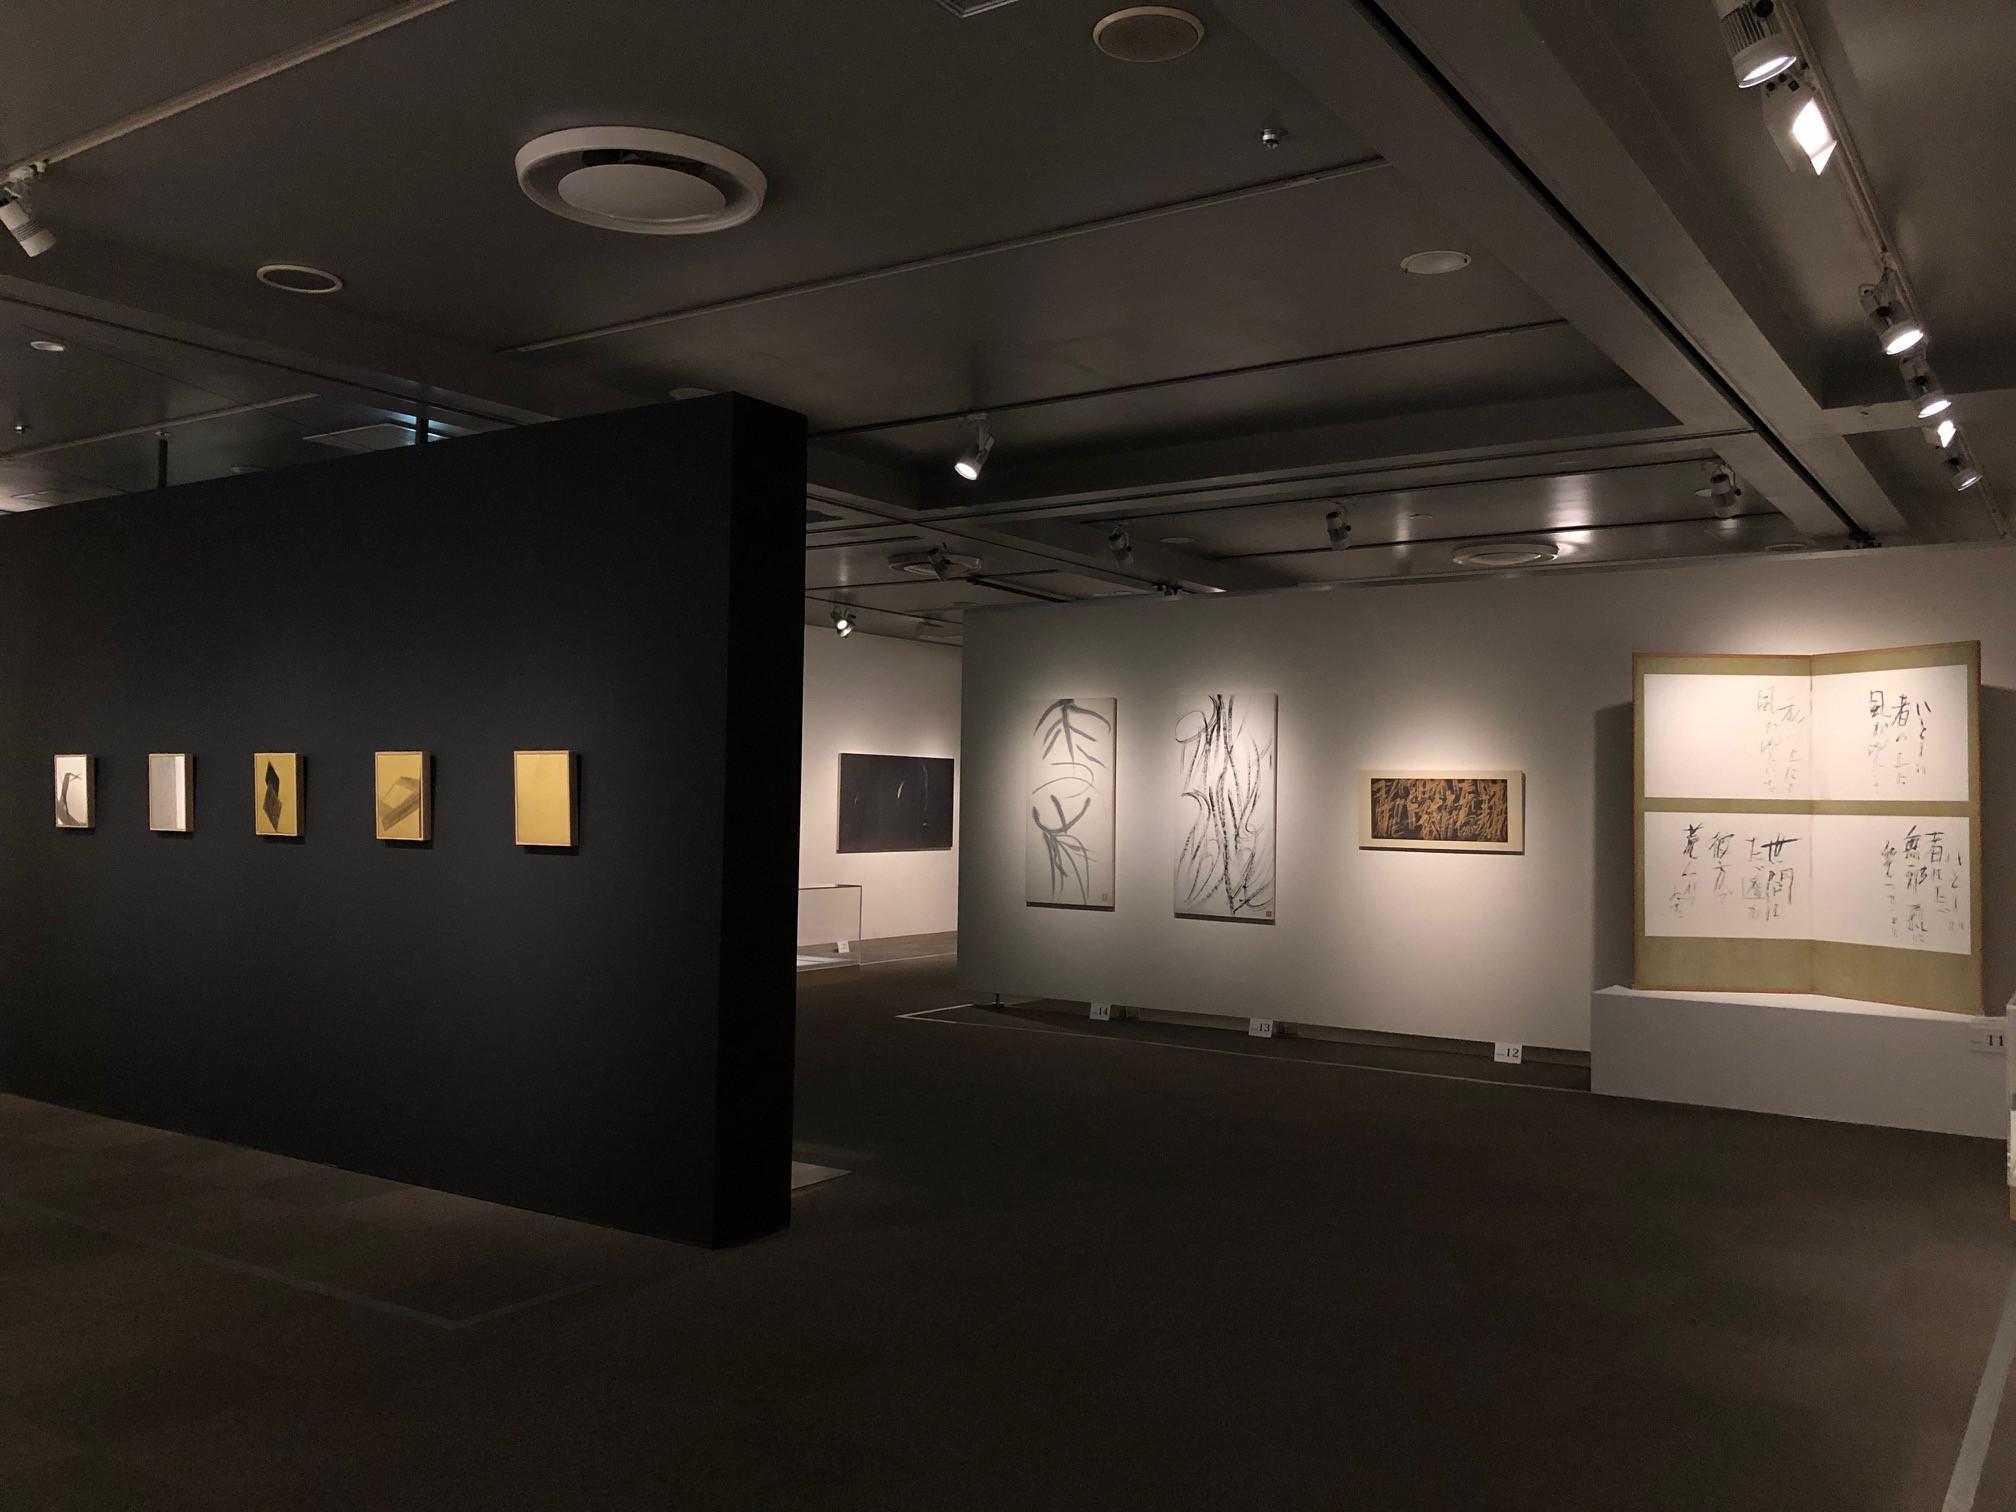 そごう美術館「篠田桃紅展」会場 第2章「渡米 ― 新たなかたち 1956-60年代」